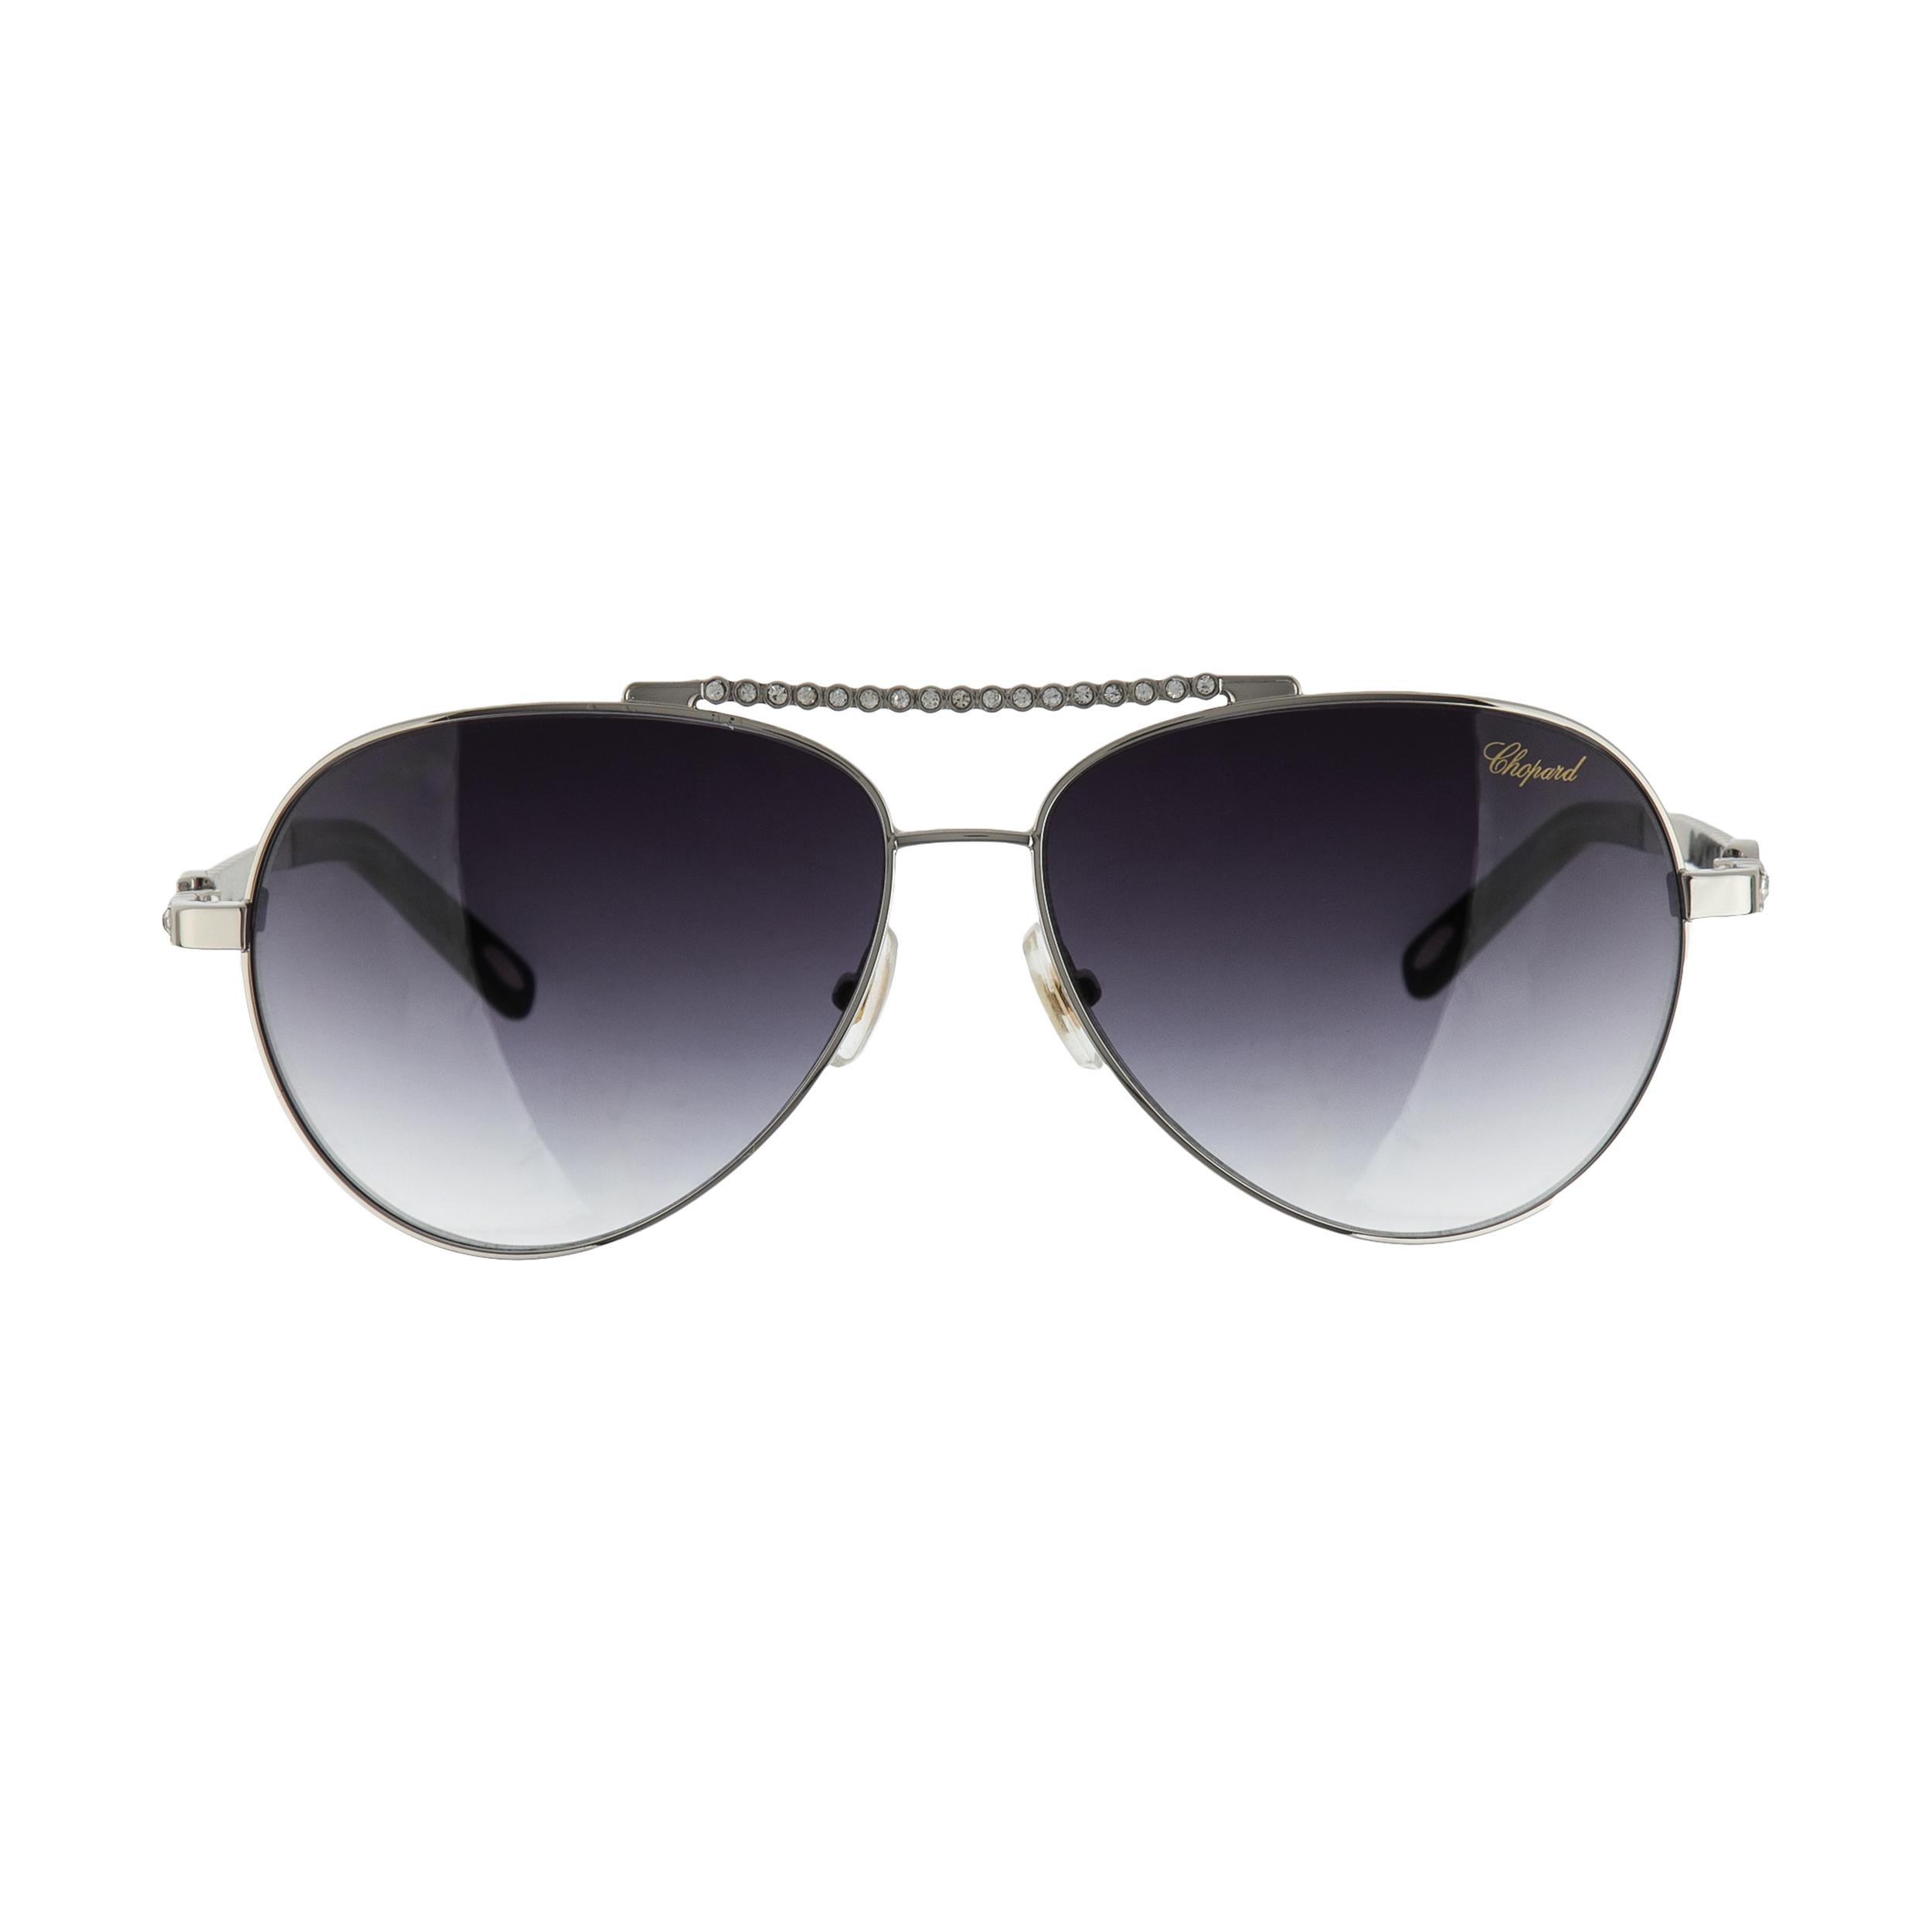 عینک آفتابی زنانه شوپارد مدل 58